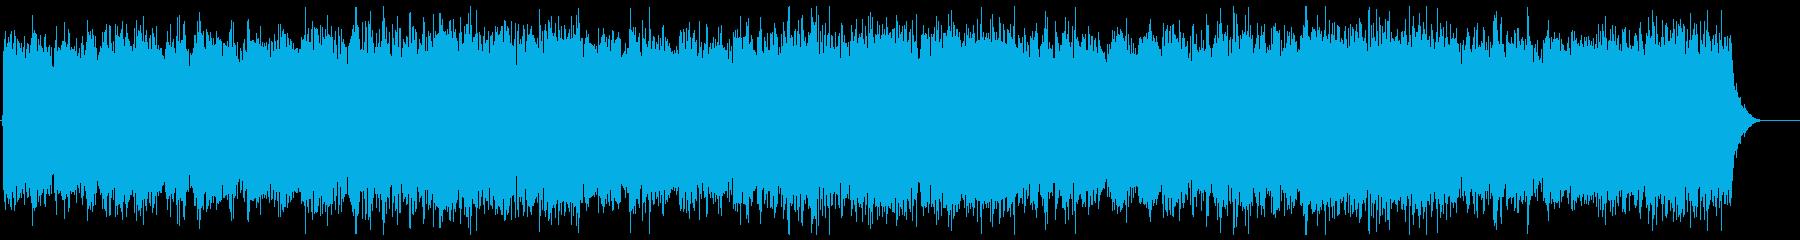 ゲーム戦闘シーン★EPIC★オーケストラの再生済みの波形